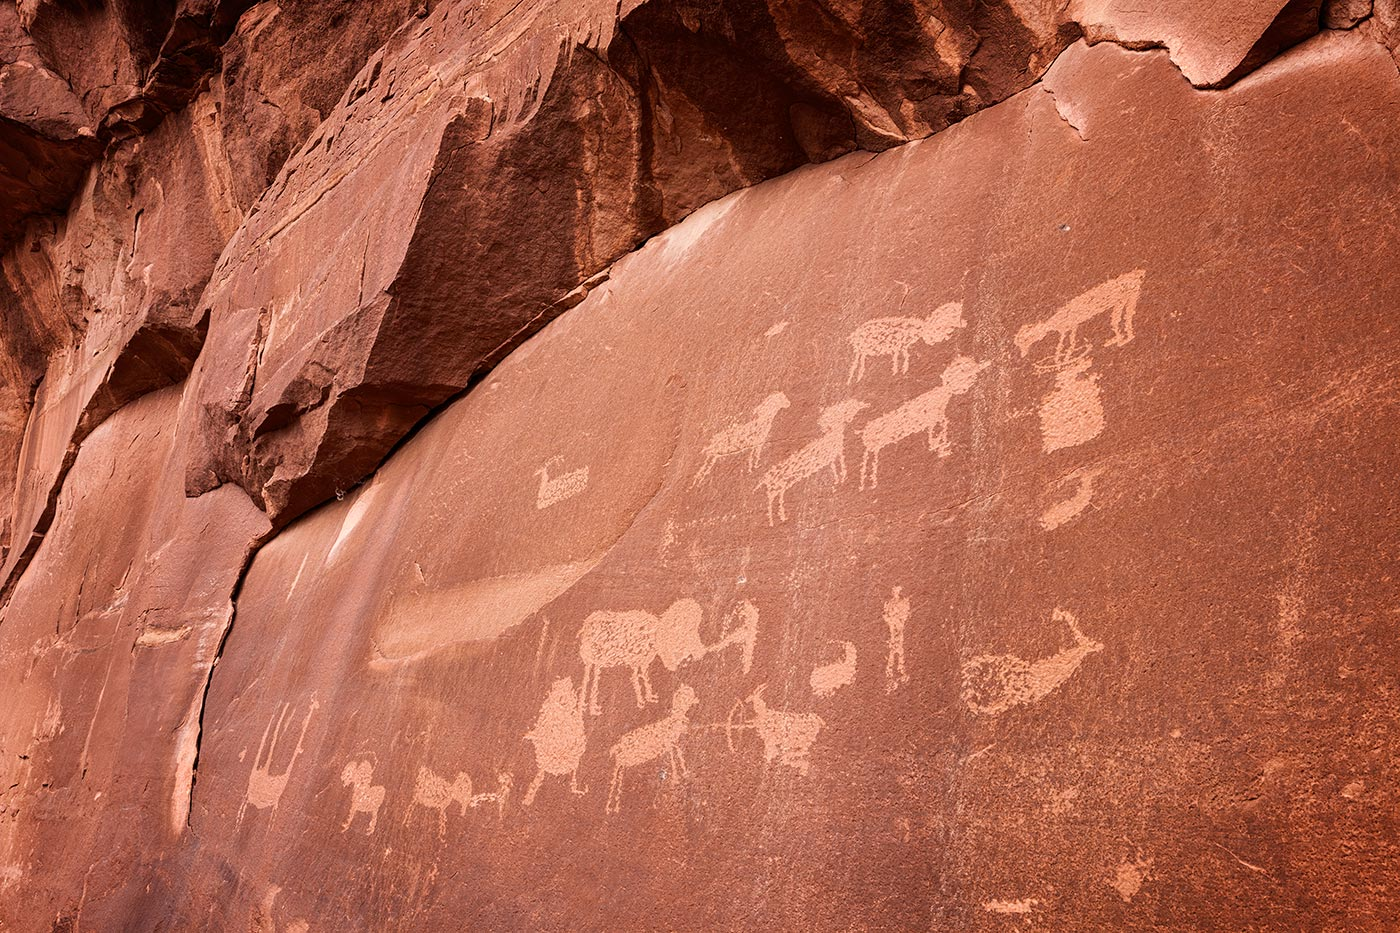 Ancient-Cultures_ABP_Petroglyphs_Potash3.jpg